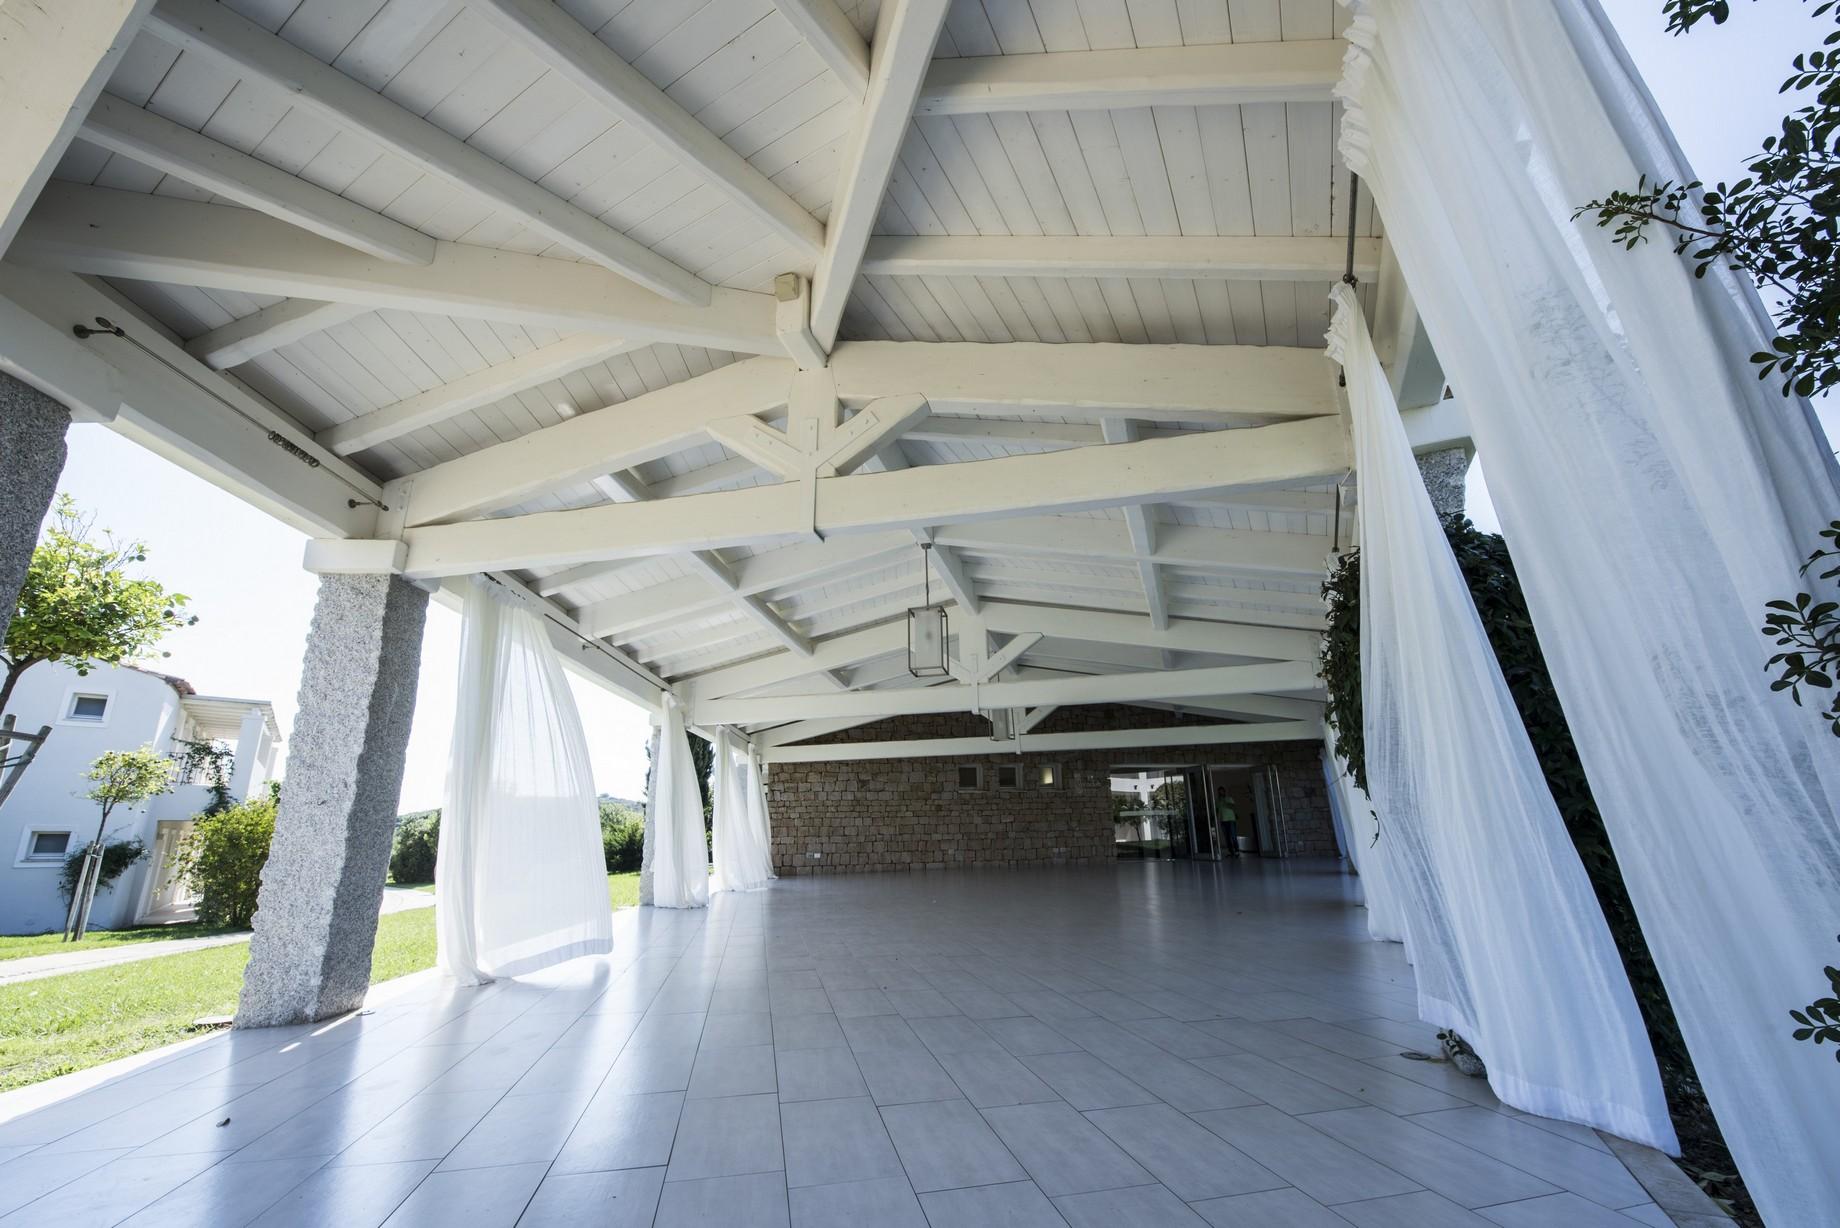 Struttura ricettiva con copertura in legno bianco